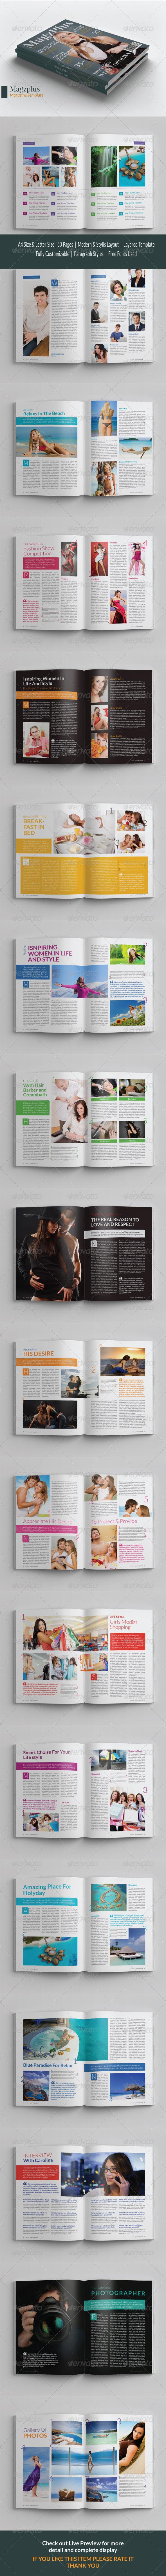 GraphicRiver A4 Letter Magzplus Magazine Template 6741984